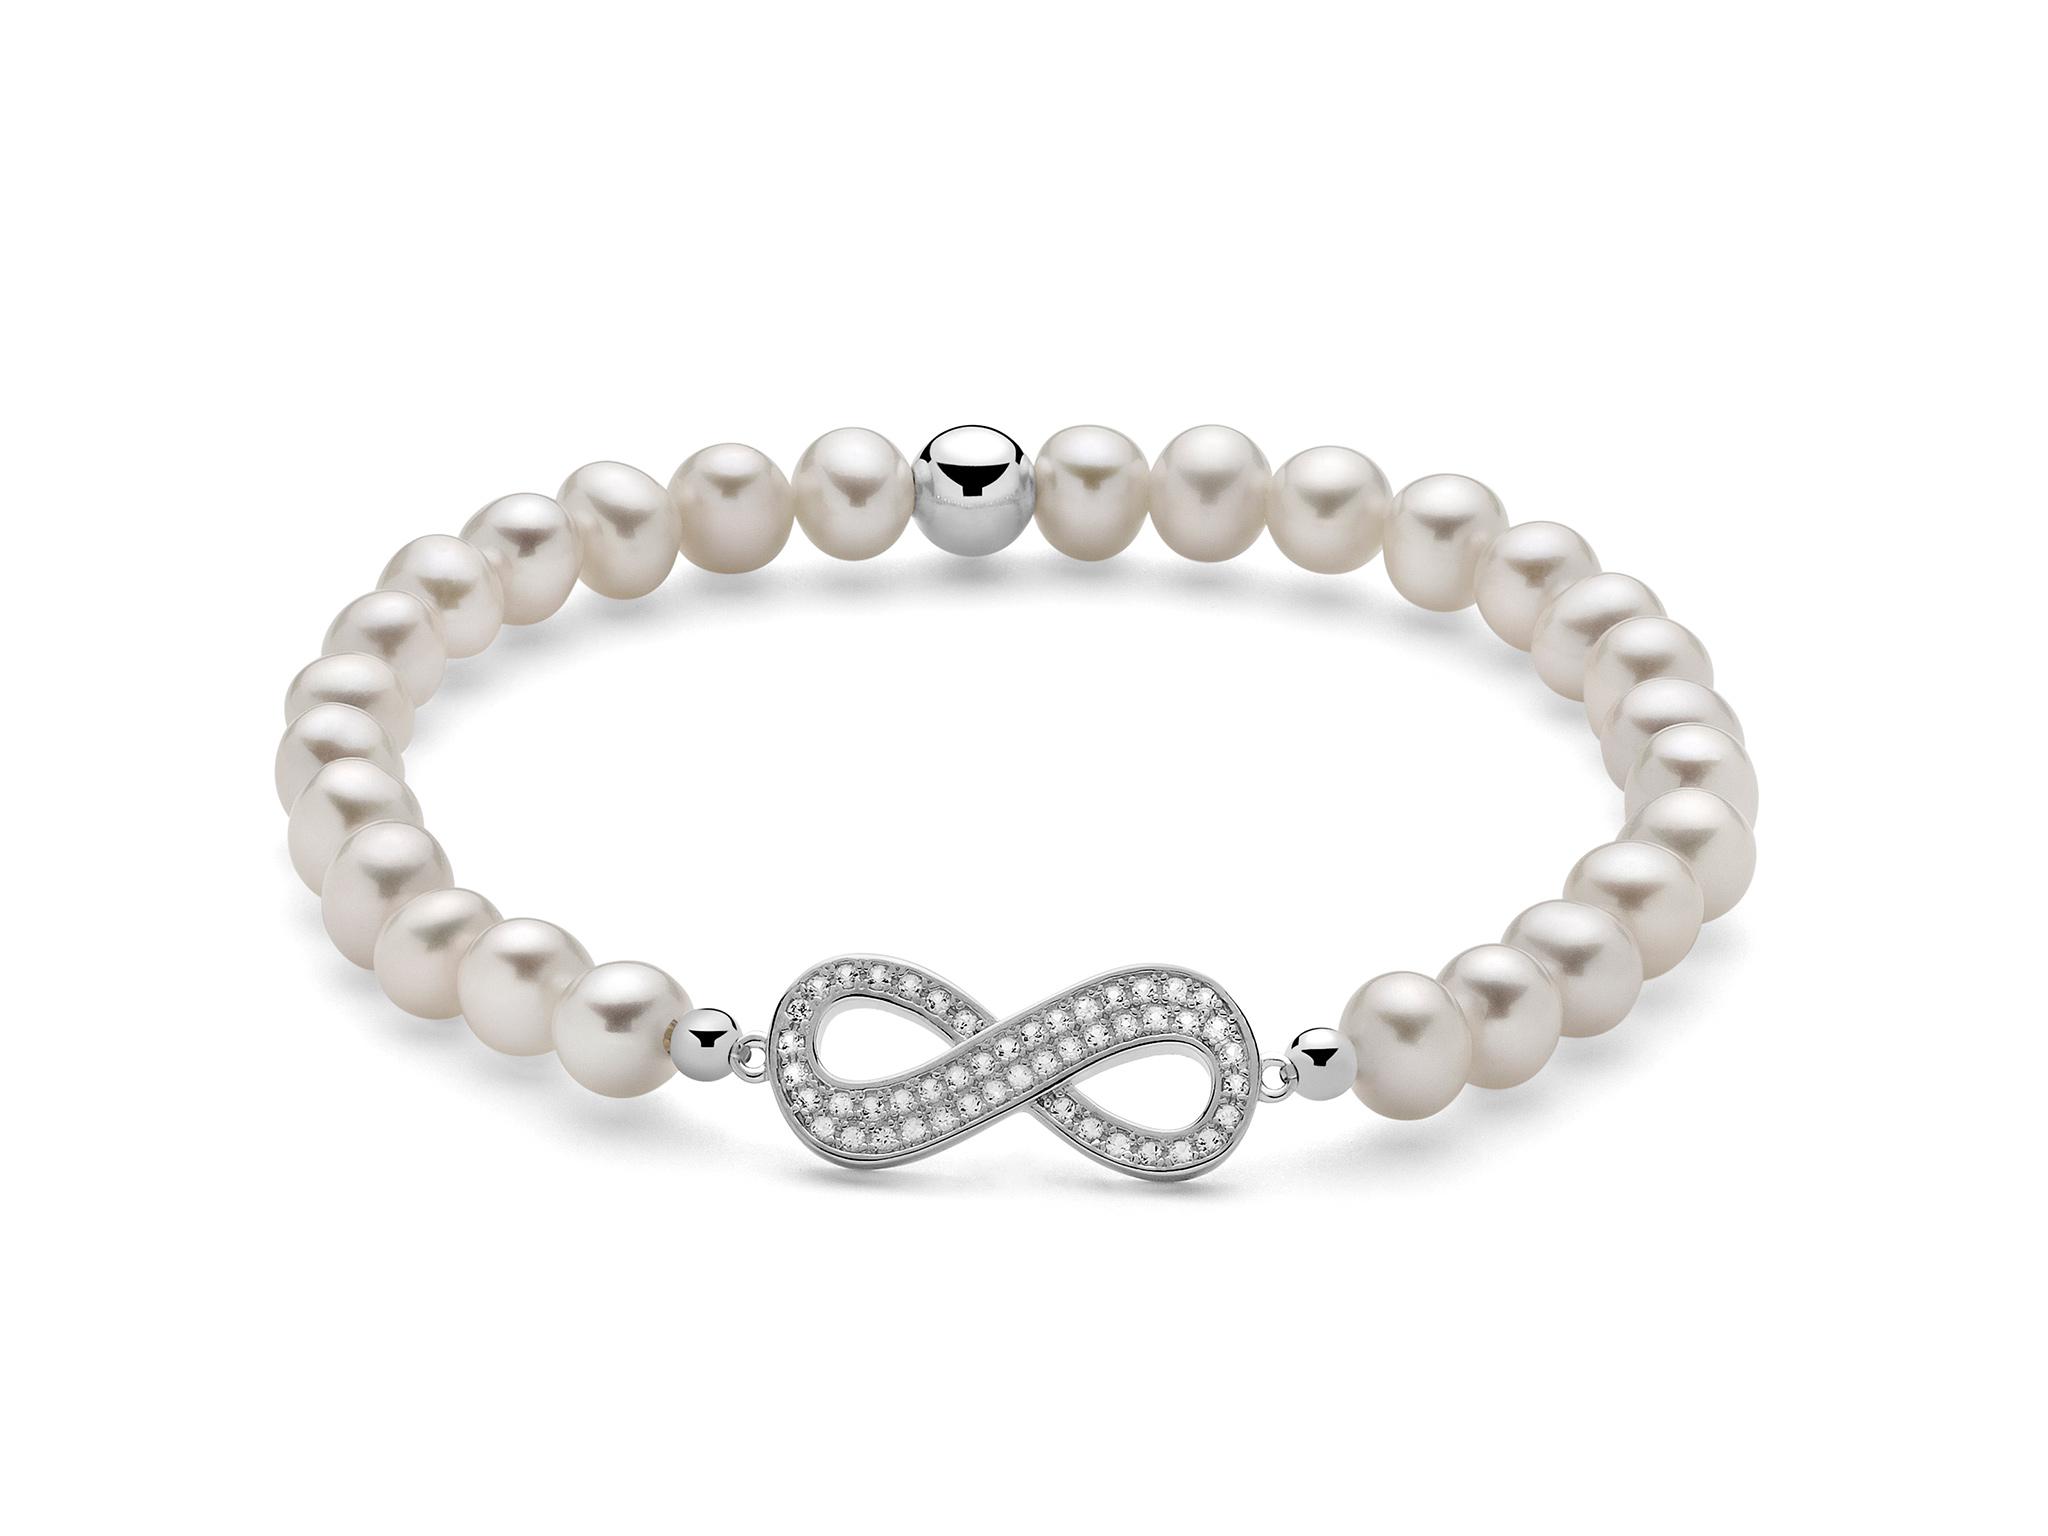 Bracciale di perle con infinito in argento. - PBR2001-TPZ